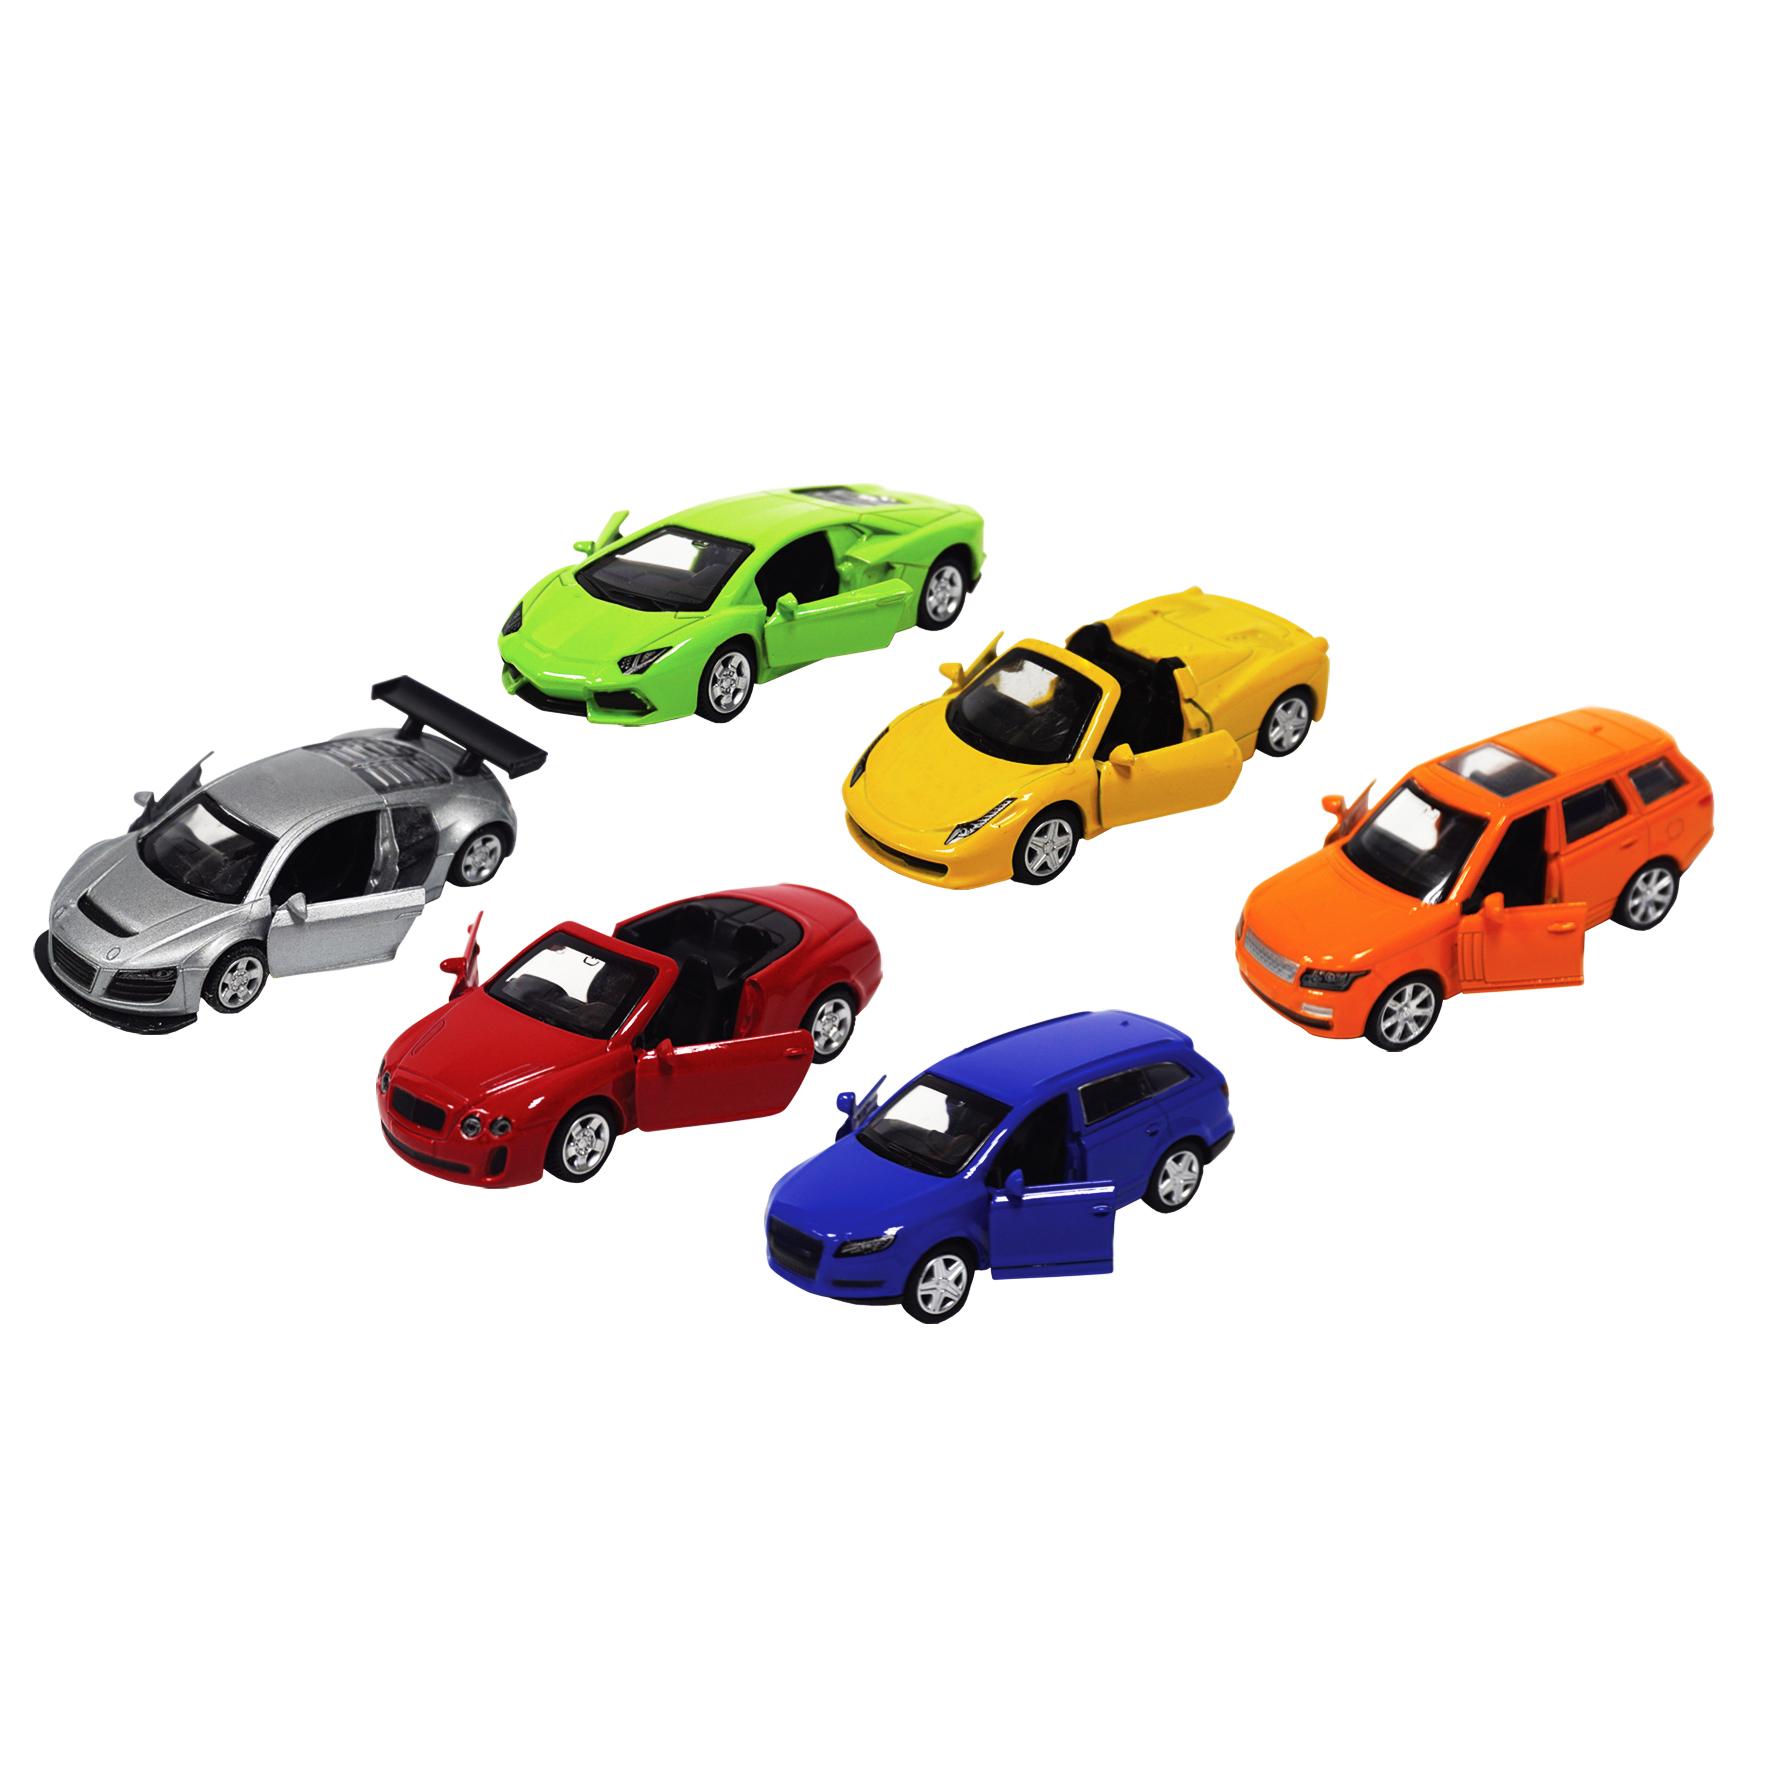 Машинки и мотоциклы Пламенный мотор Машинка Пламенный мотор «Классик» инерционная 1:55 в асс. цена